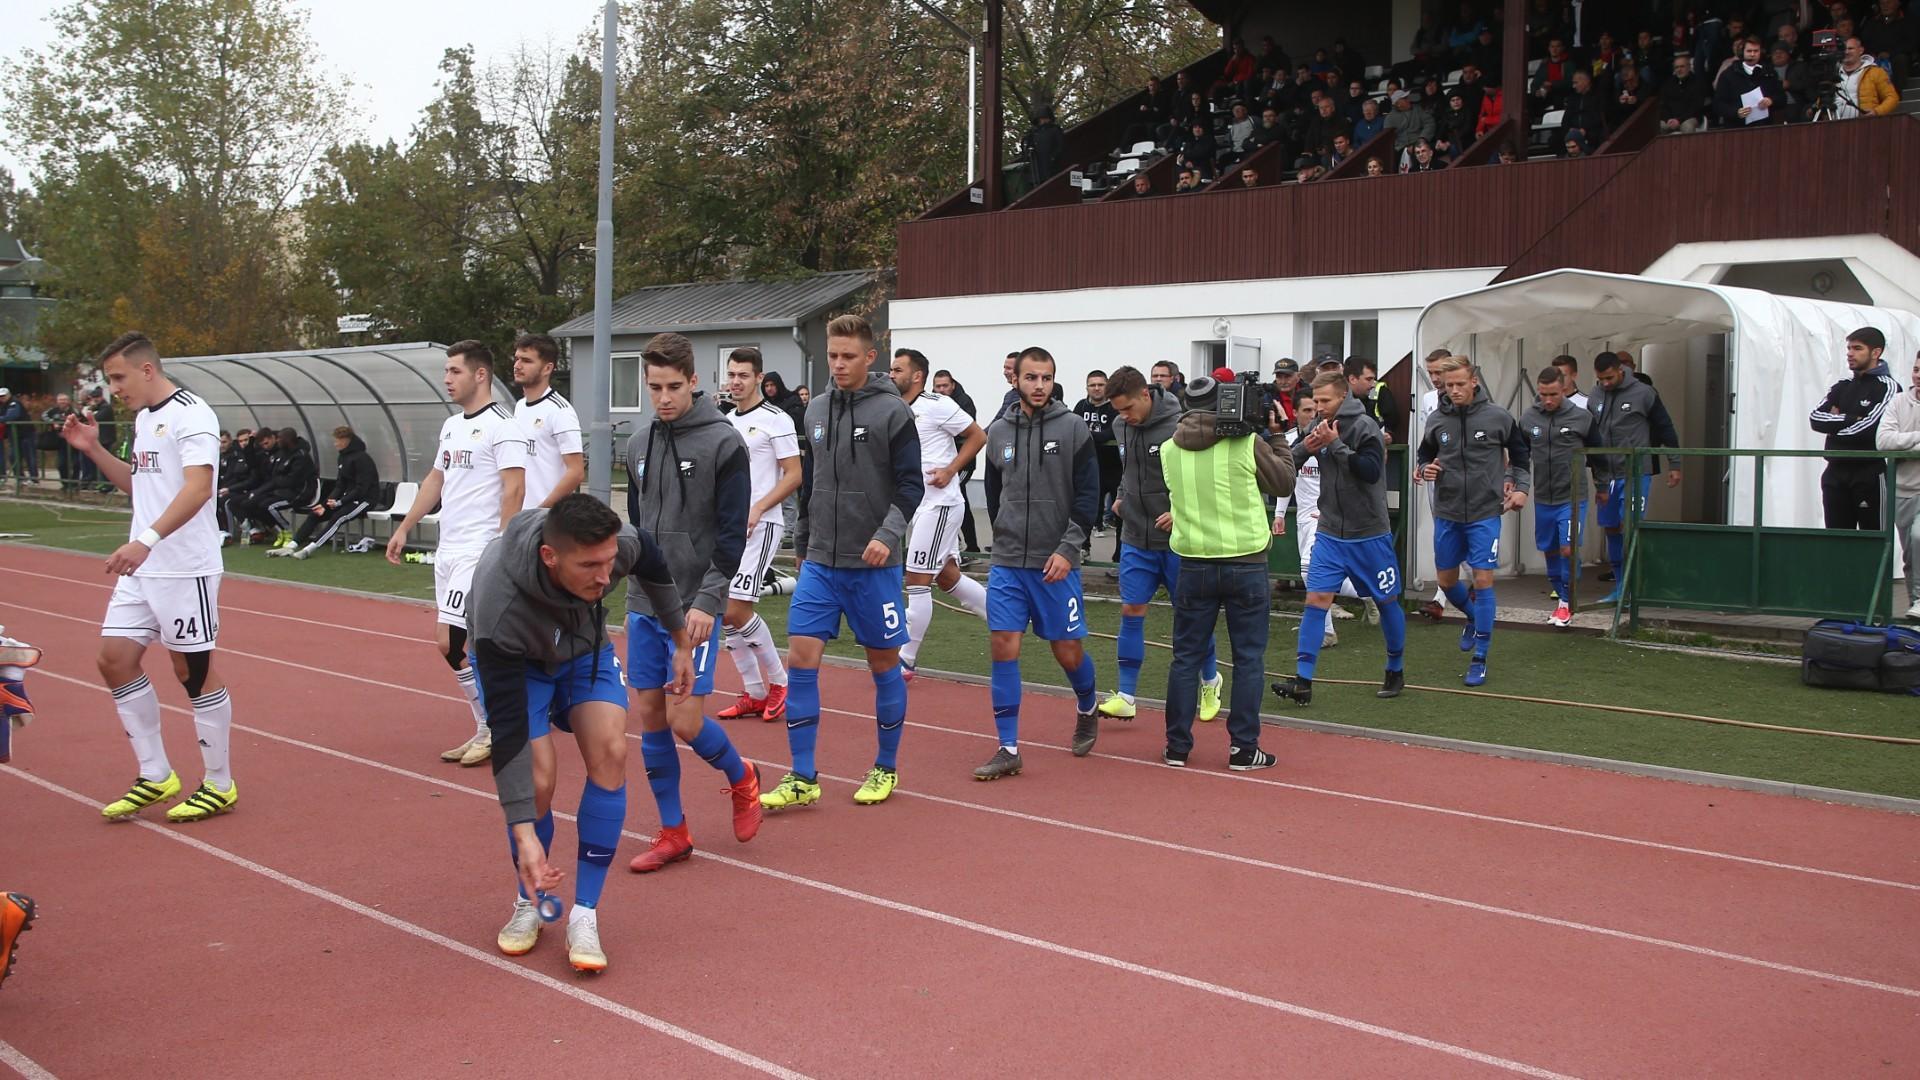 Bemutatjuk szerdai ellenfelünket: Amit a Dunaújváros PASE csapatáról tudni kell